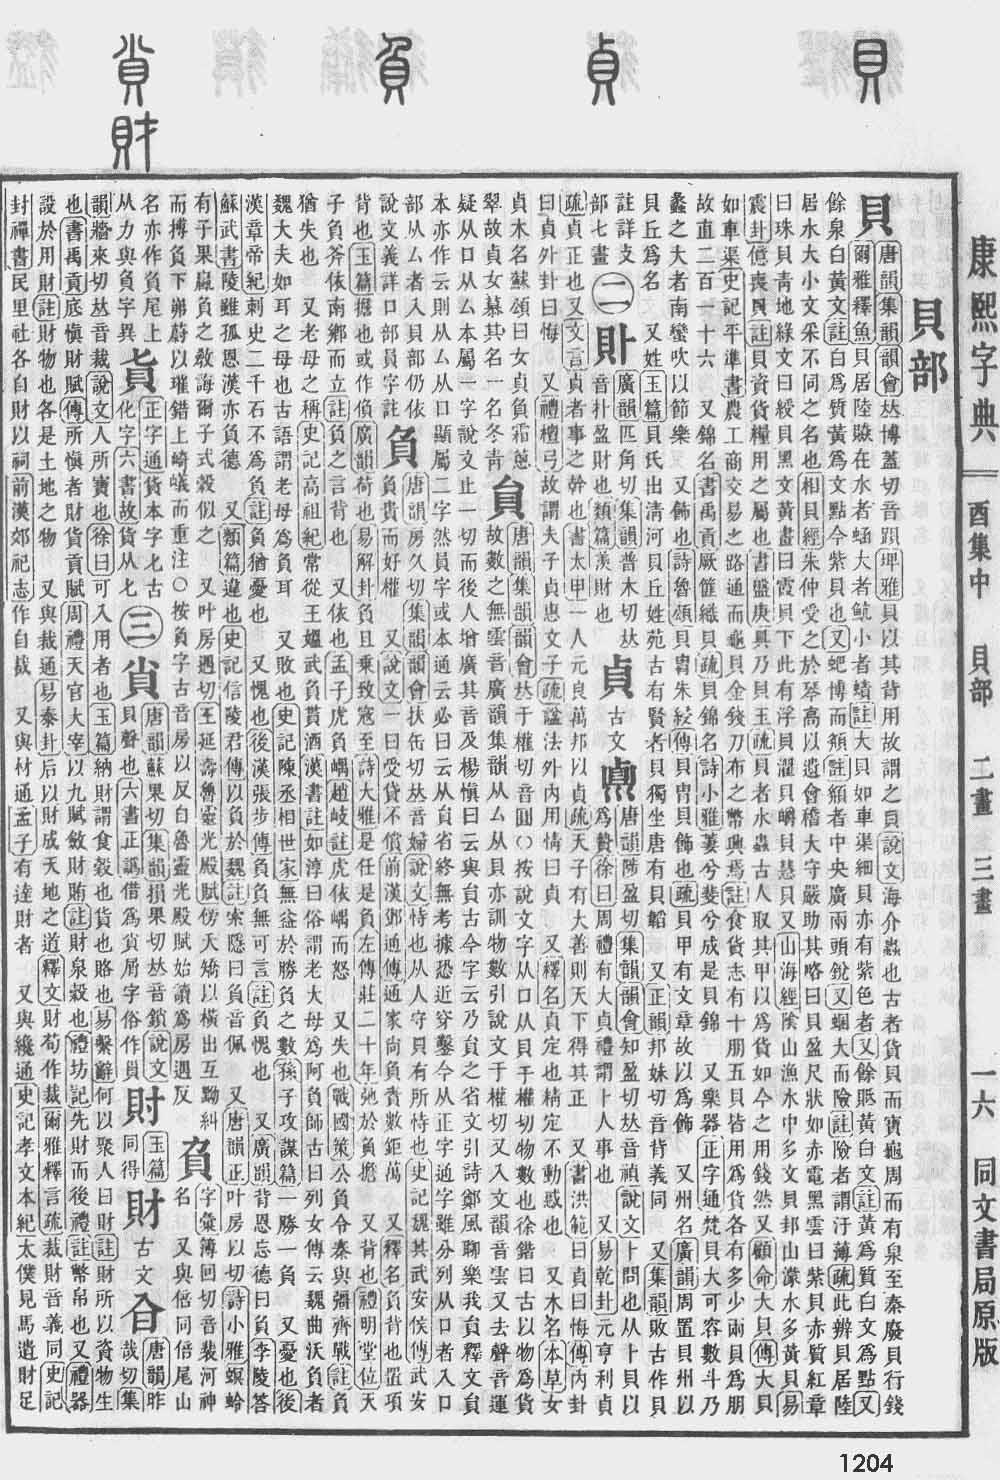 《康熙字典》第1204页